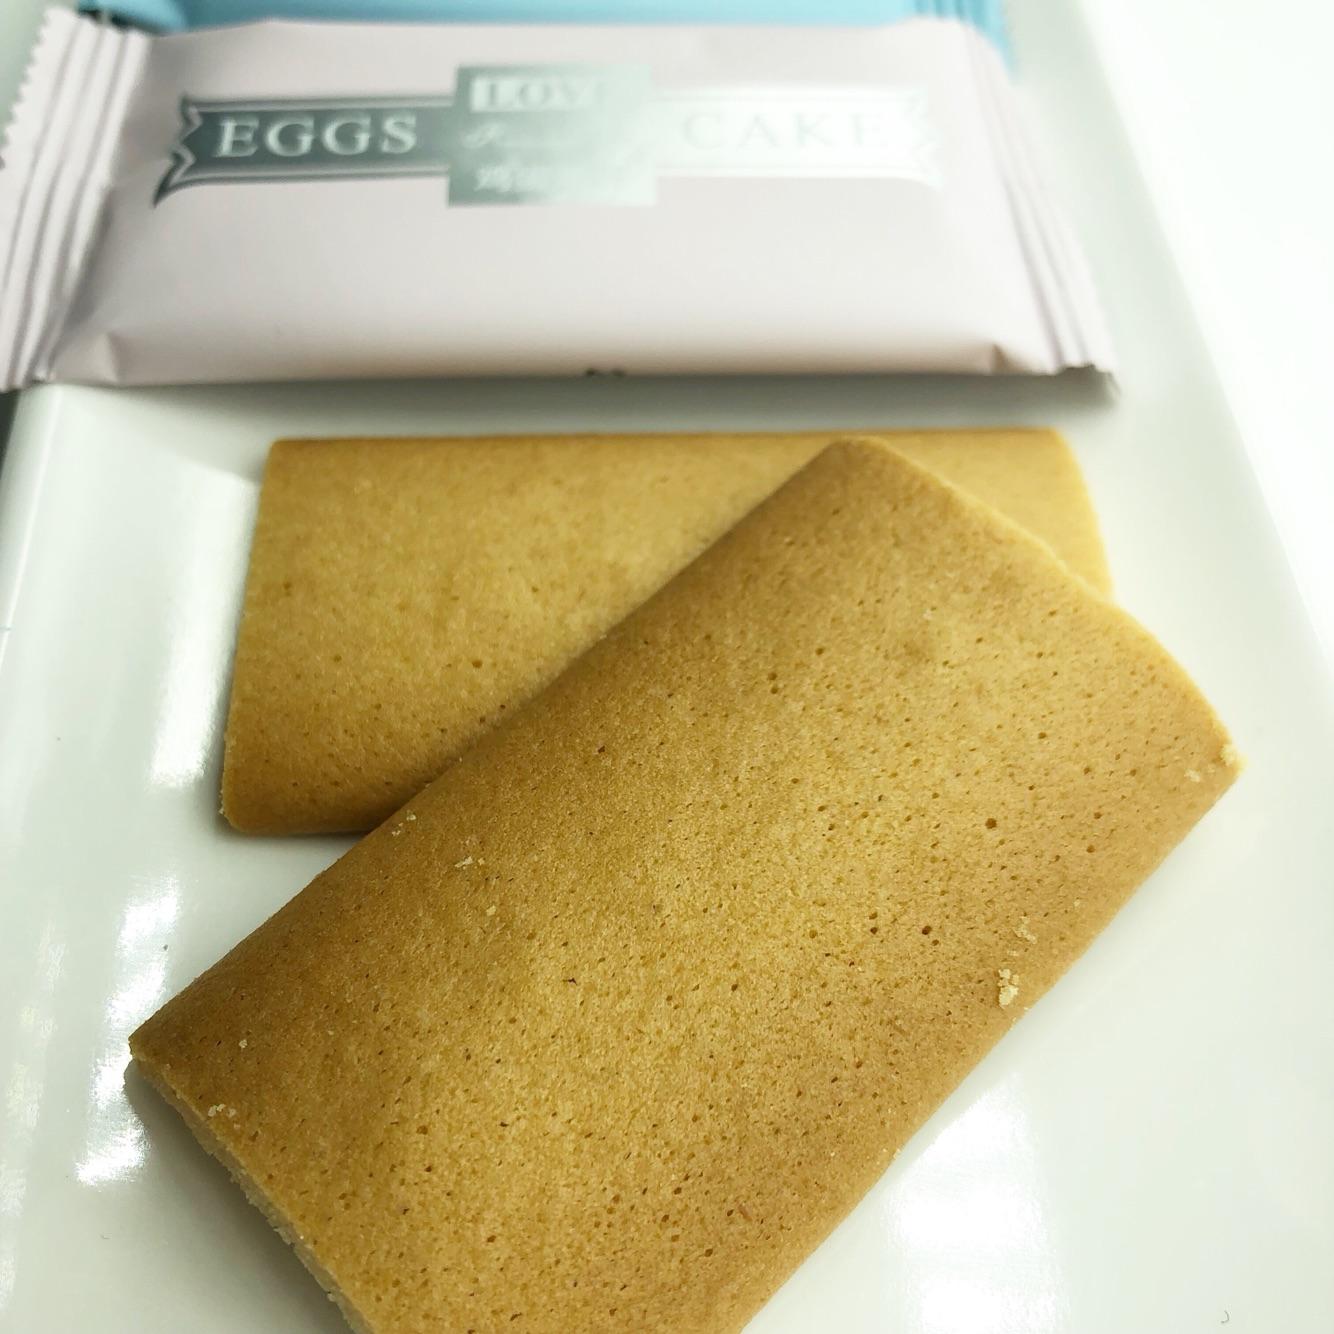 代餐饼干点心结婚喜糖办公室休闲零食年货 500g 珍美思鸡蛋薄饼散装